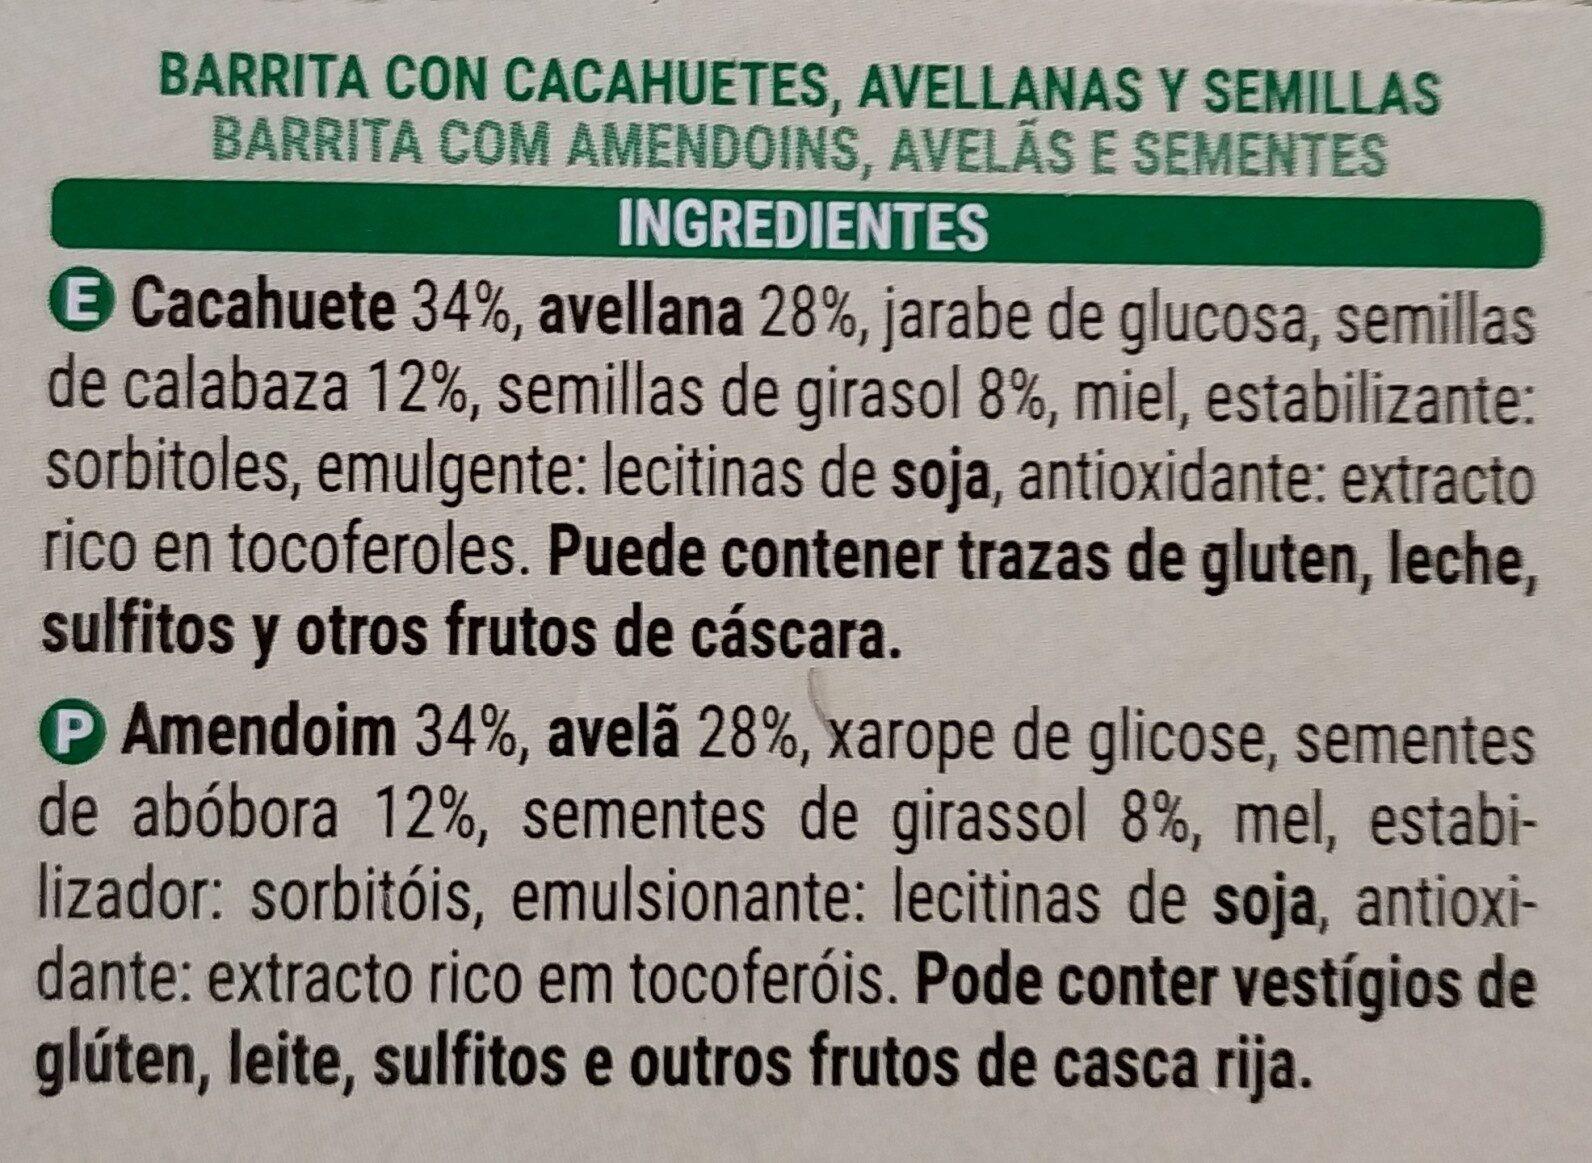 Barritas frutos secos - Ingredients - es